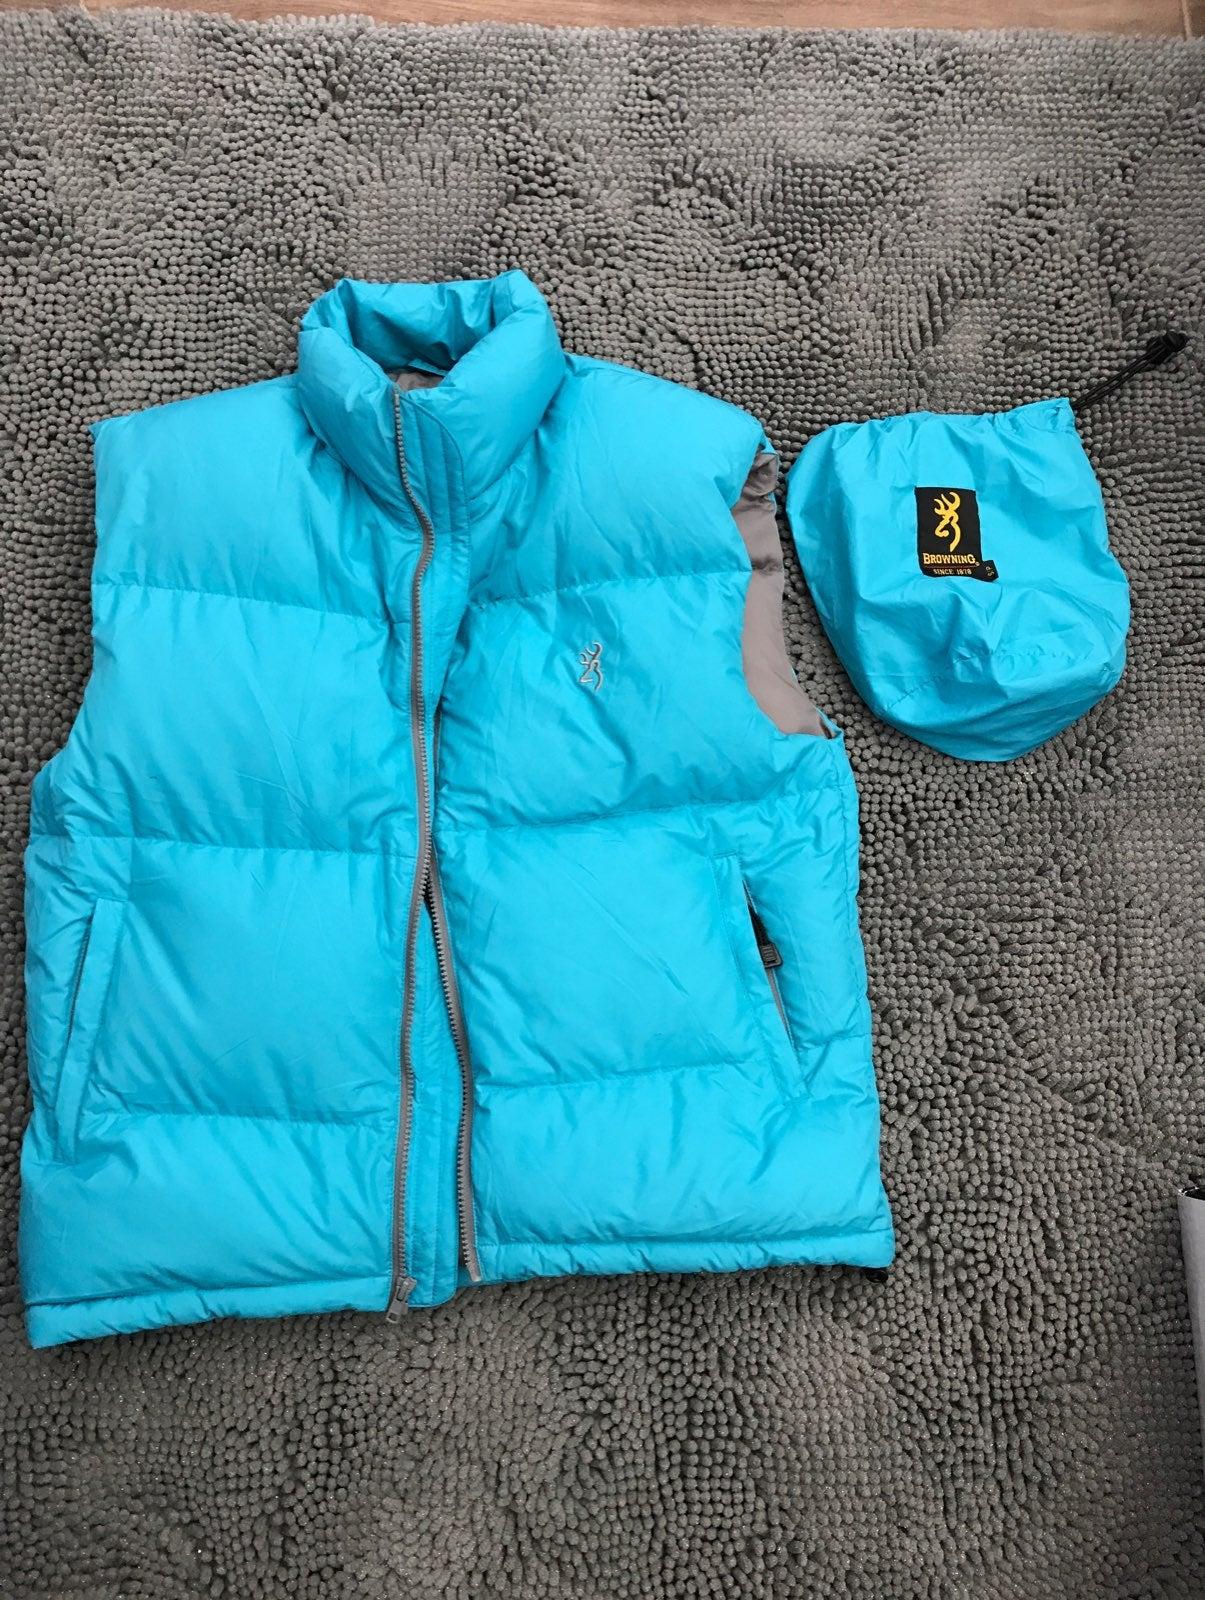 Browning vest